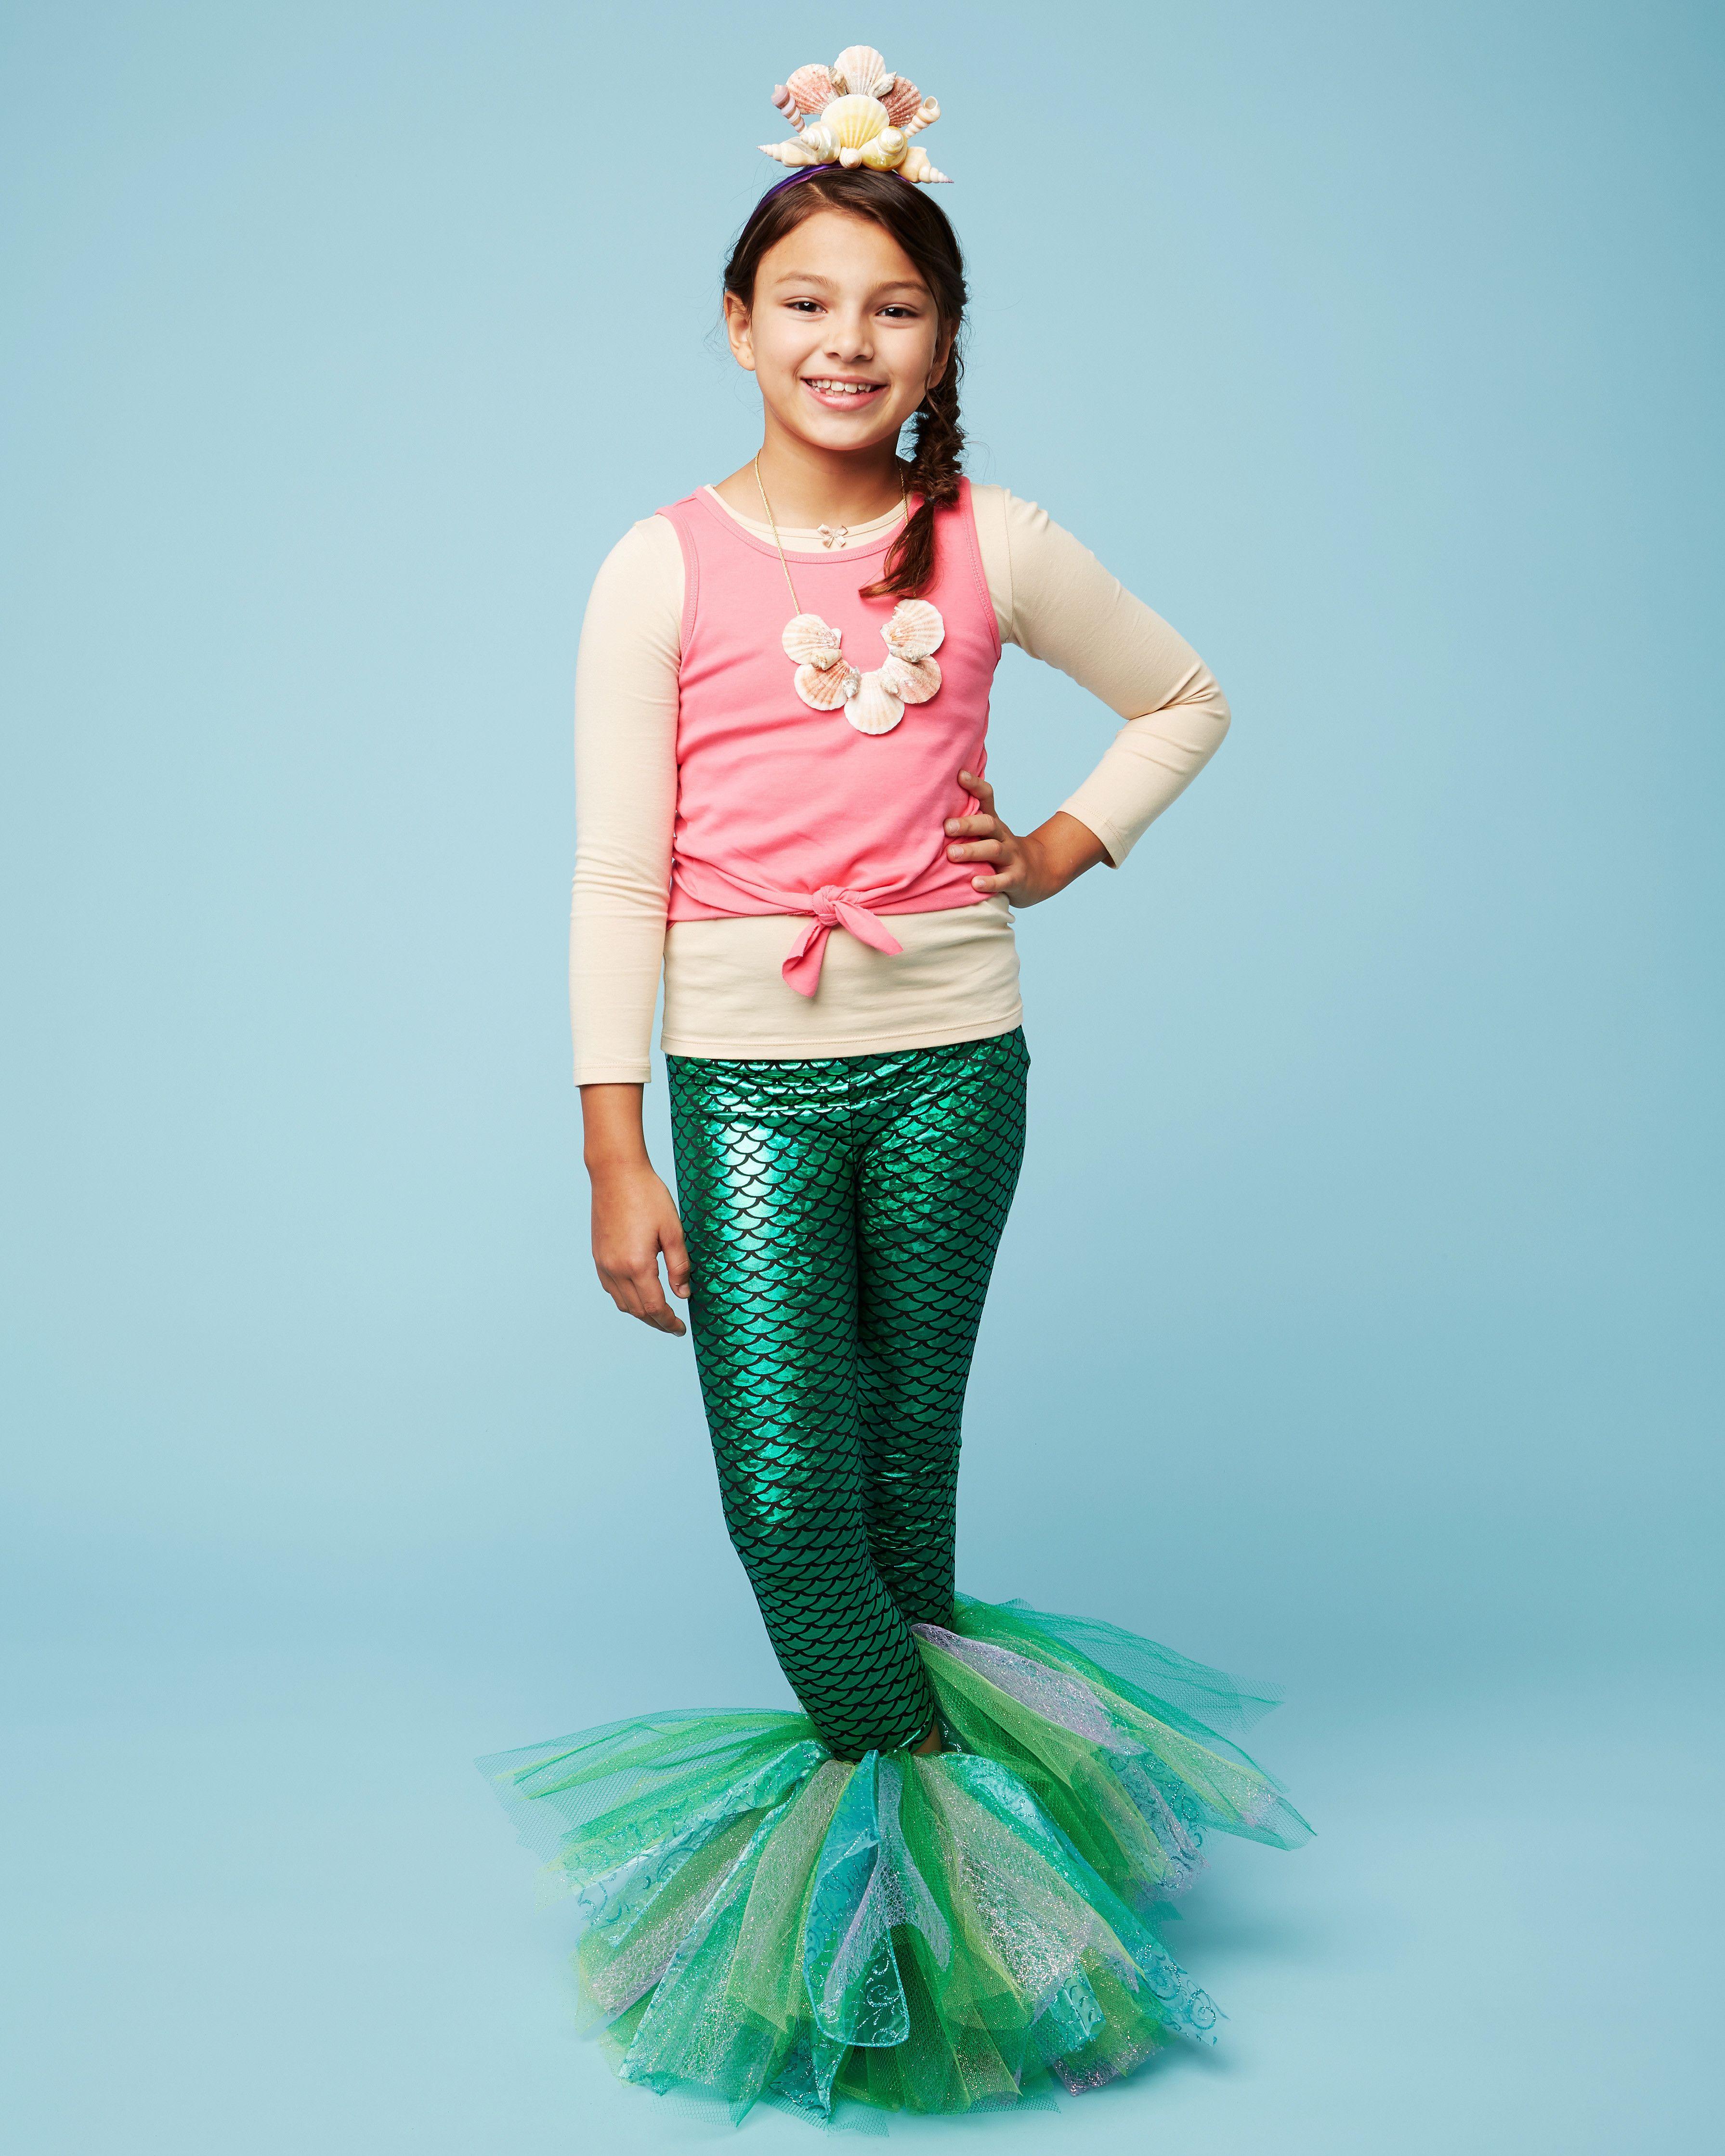 Green mermaid skirt w top